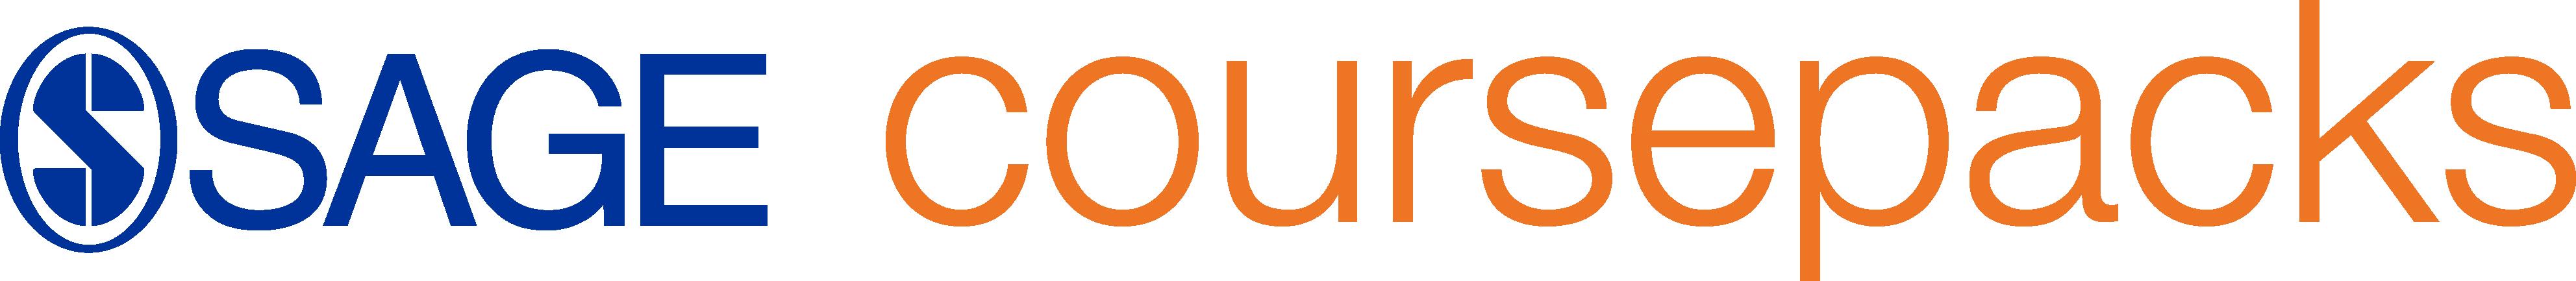 SAGE Coursepack Logo